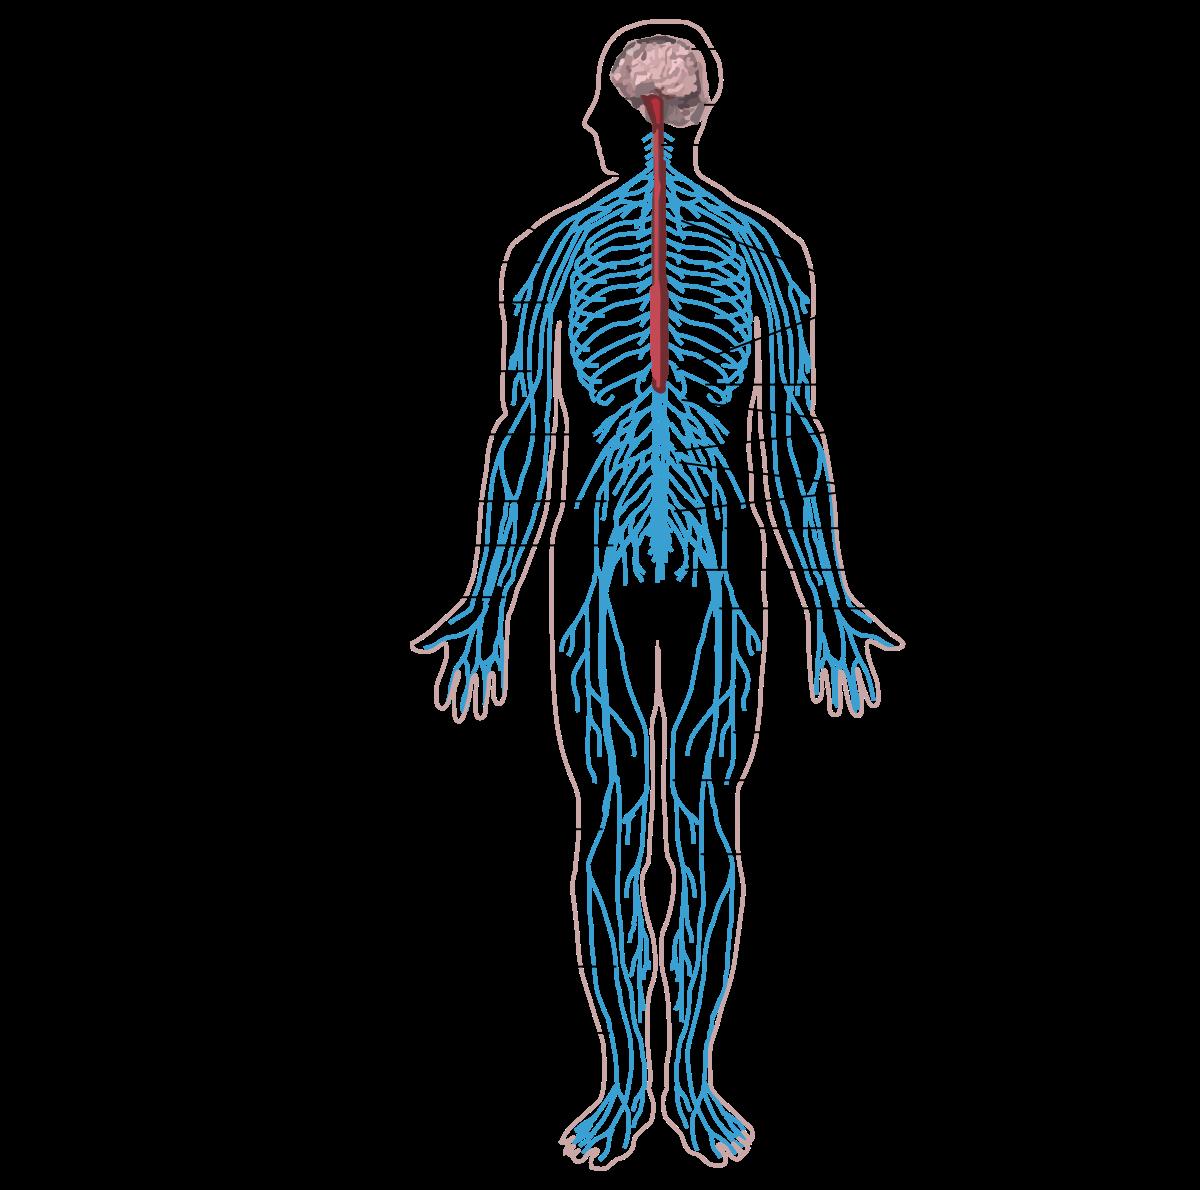 készítmények a férgek eltávolítására az emberi testből hogyan nem lehet condyloma